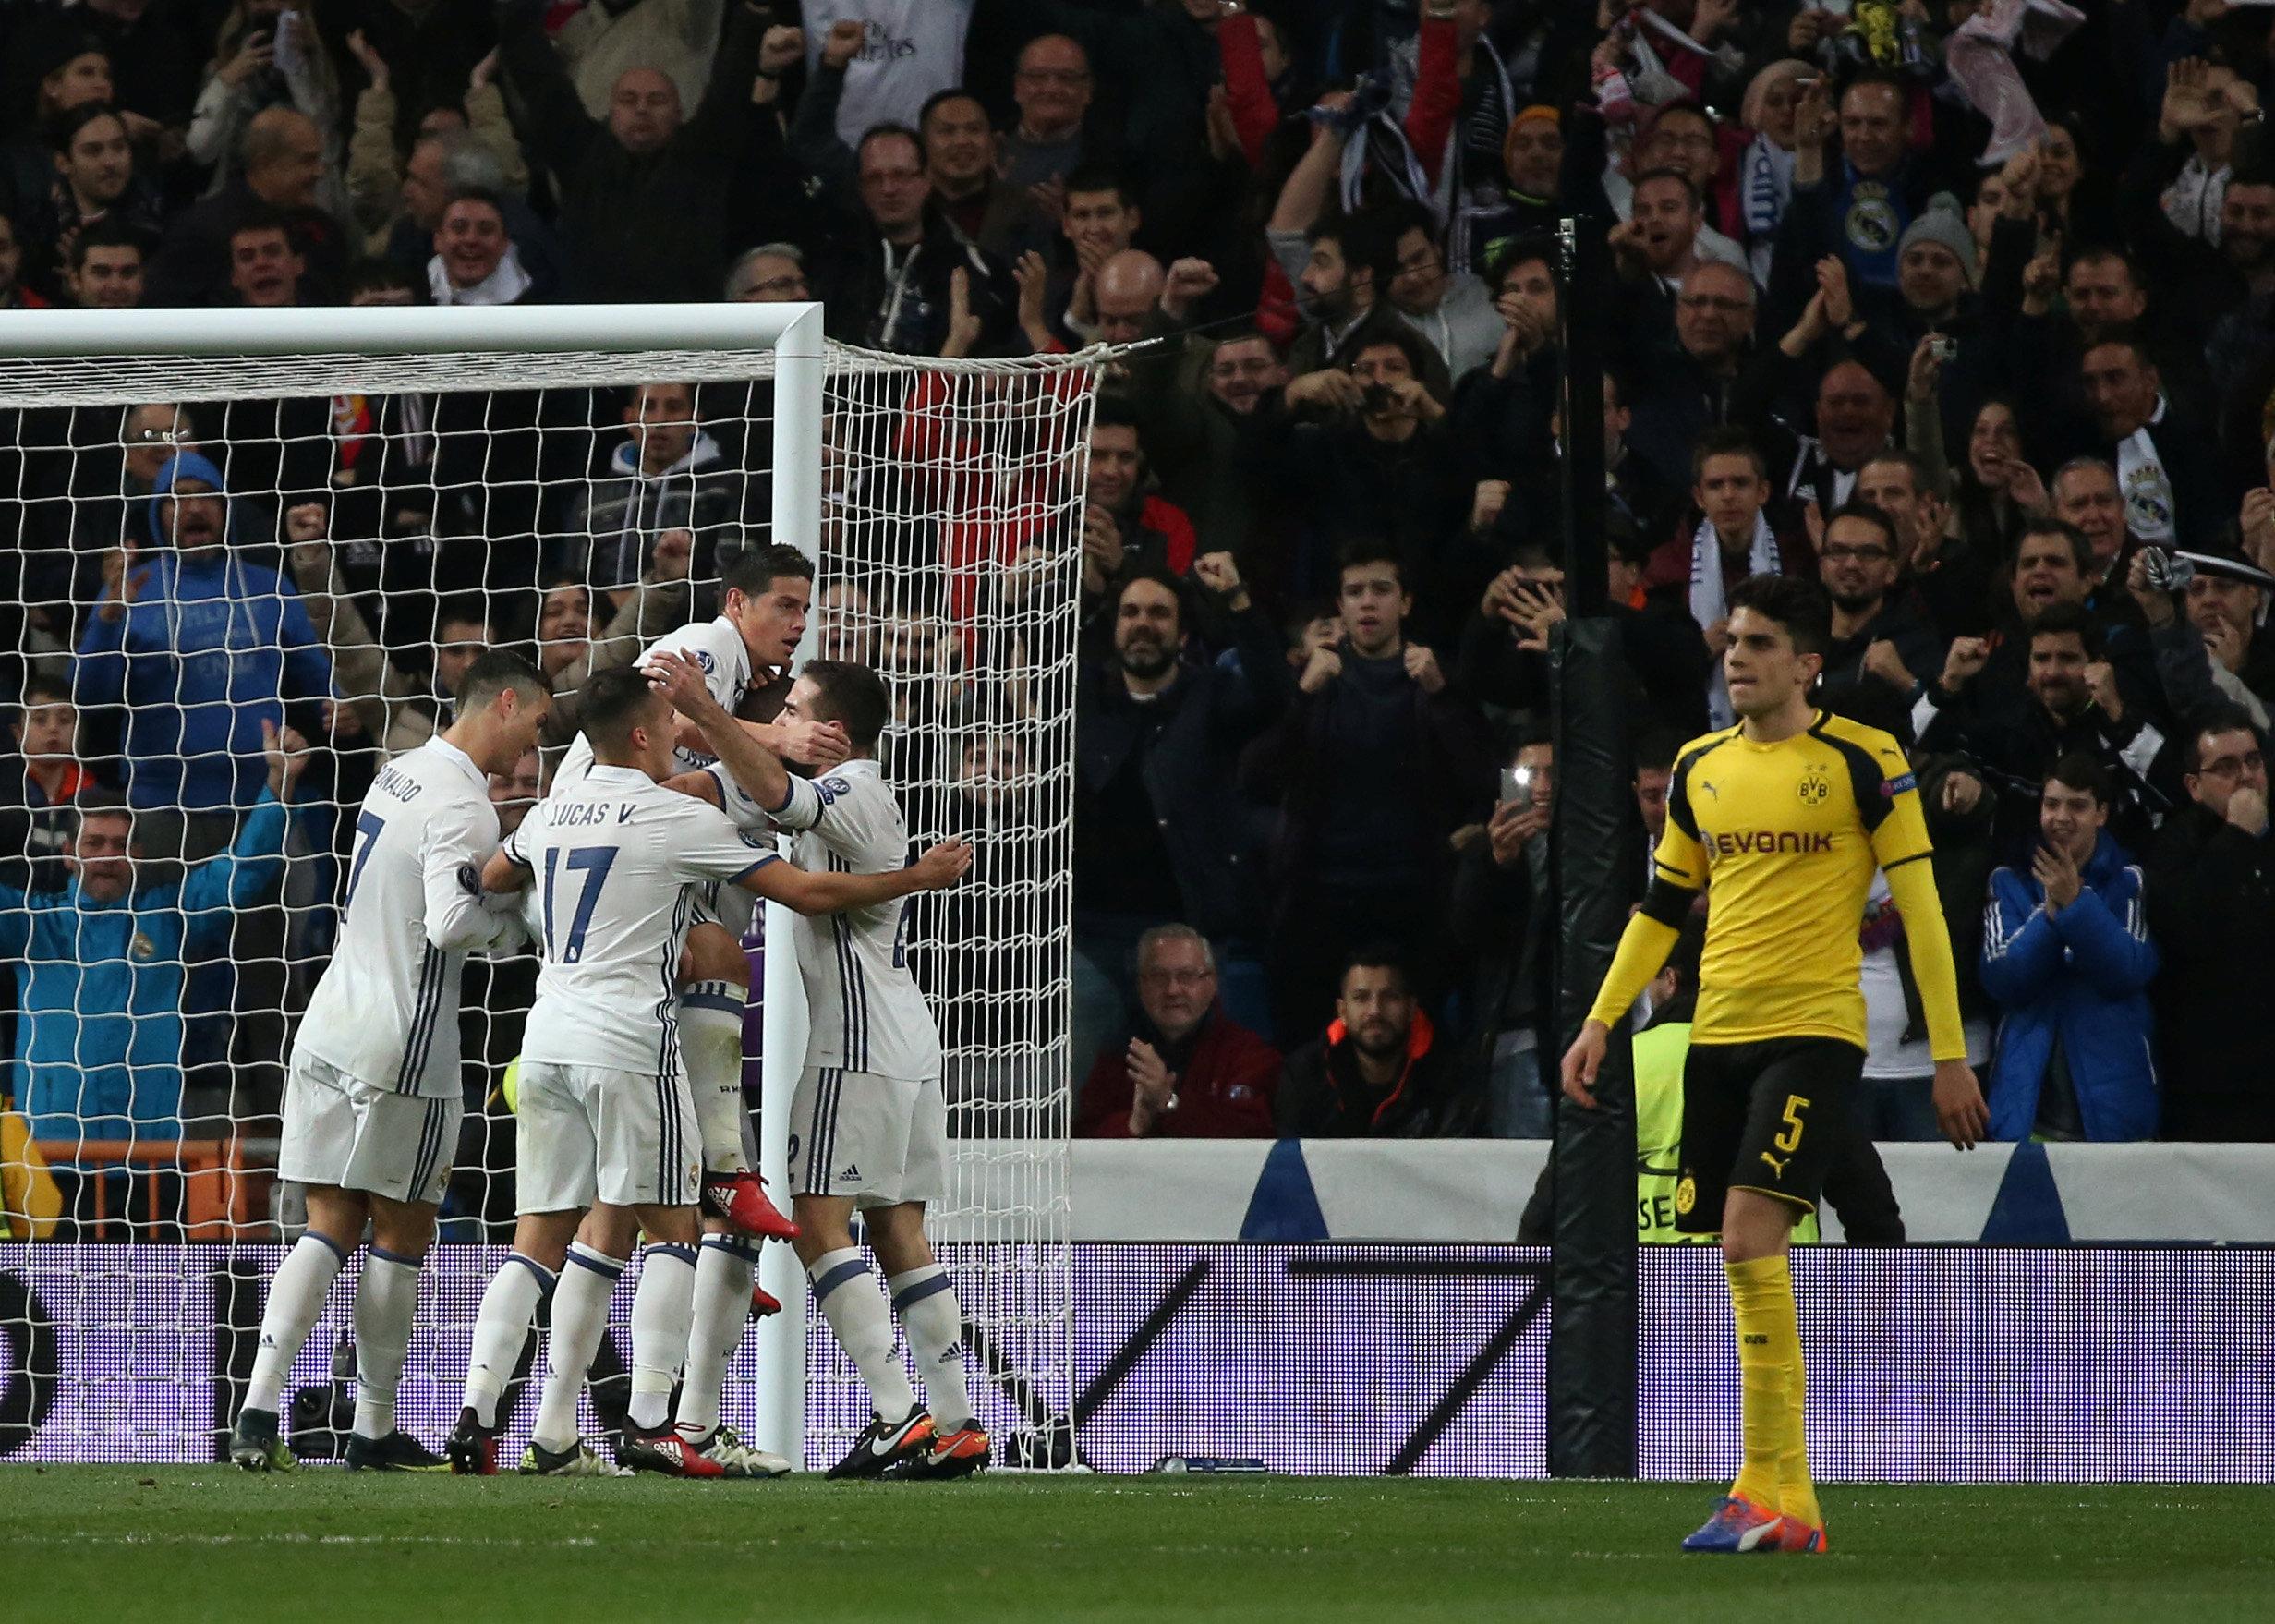 89353a1115841 Los jugadores del Real Madrid celebrando un gol el pasado miércoles ante el  Dortmund en la Champions.  REUTERS